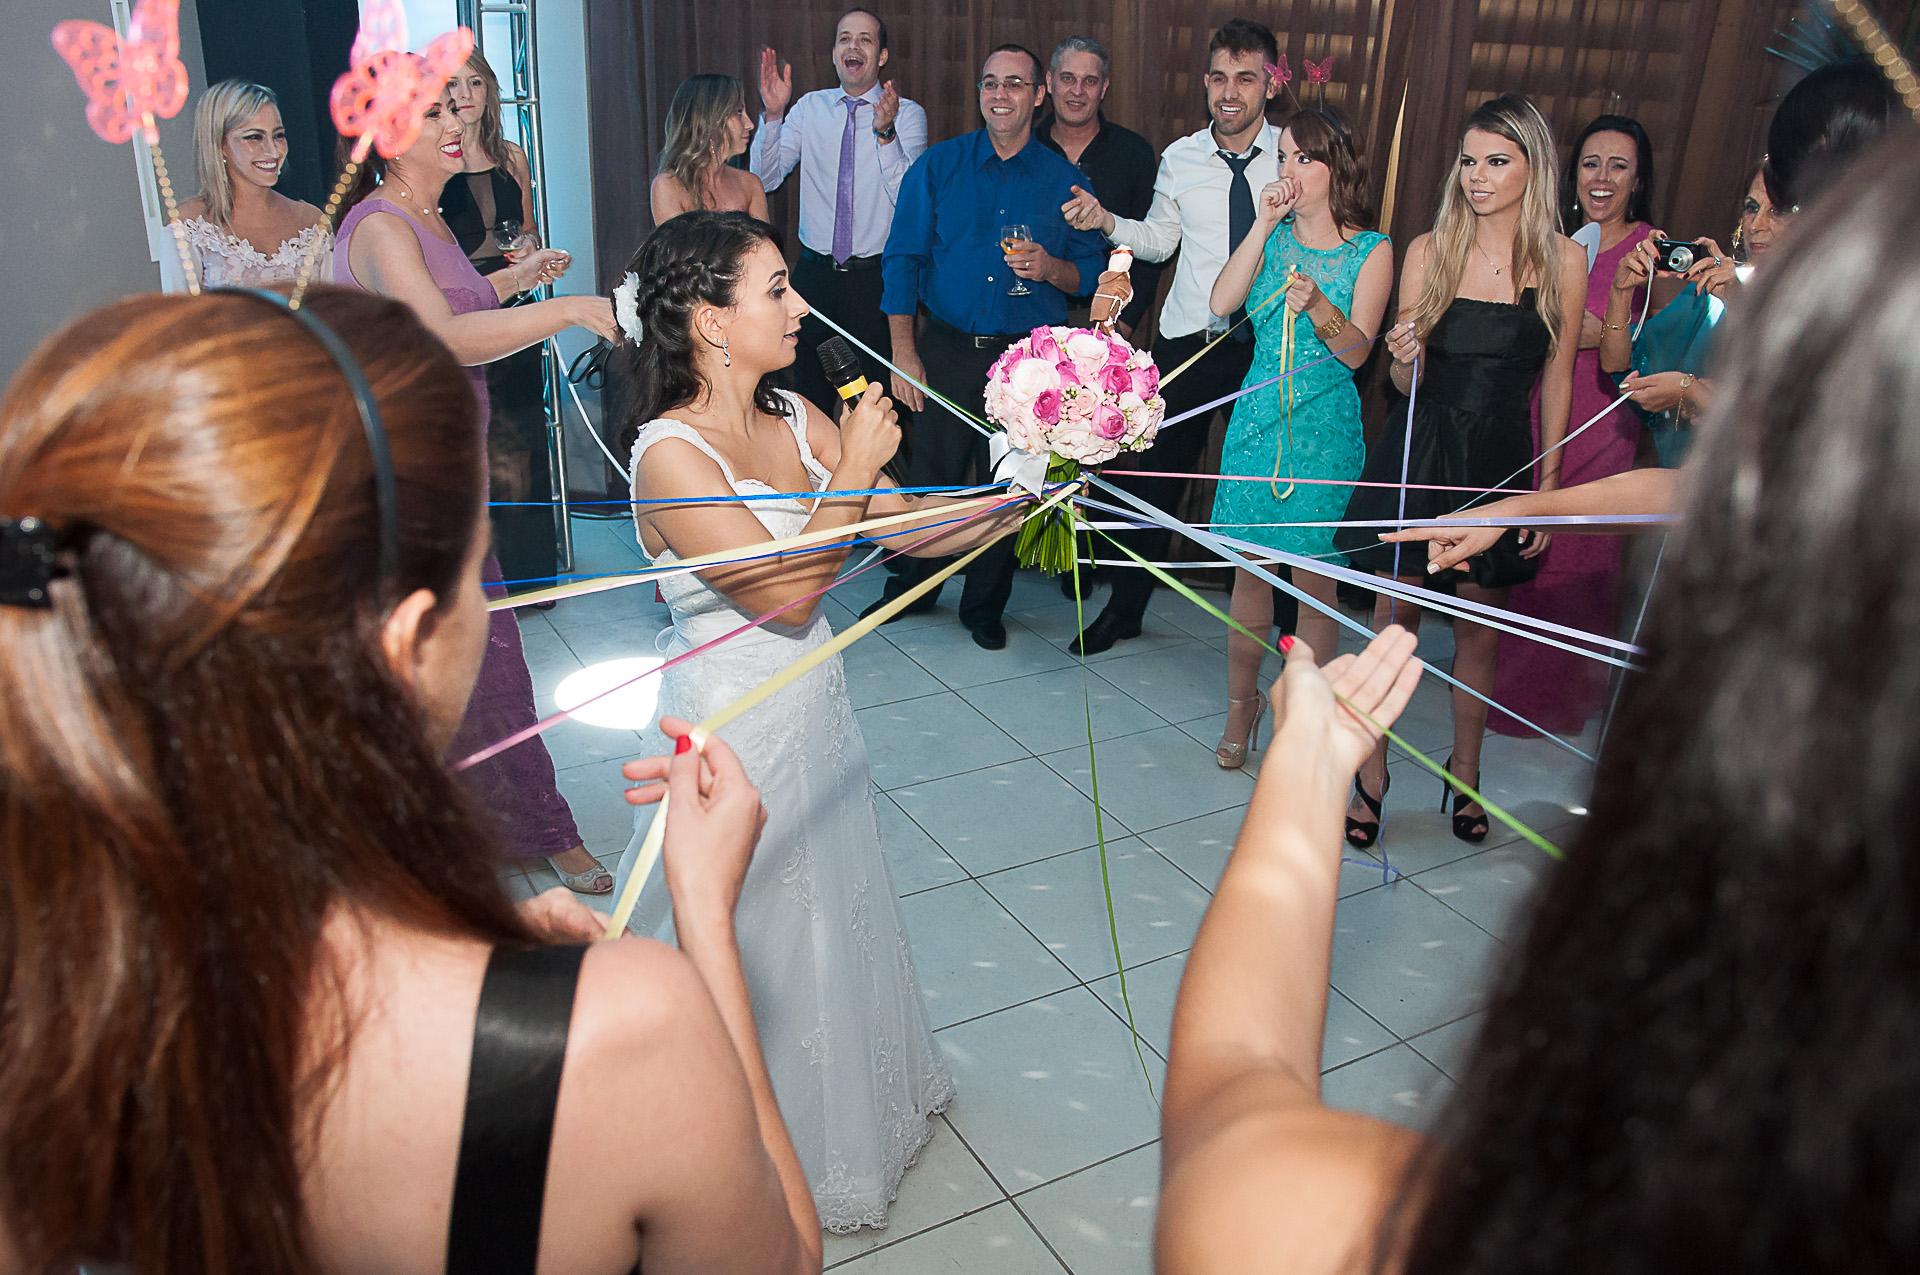 fotografo de casamento-104